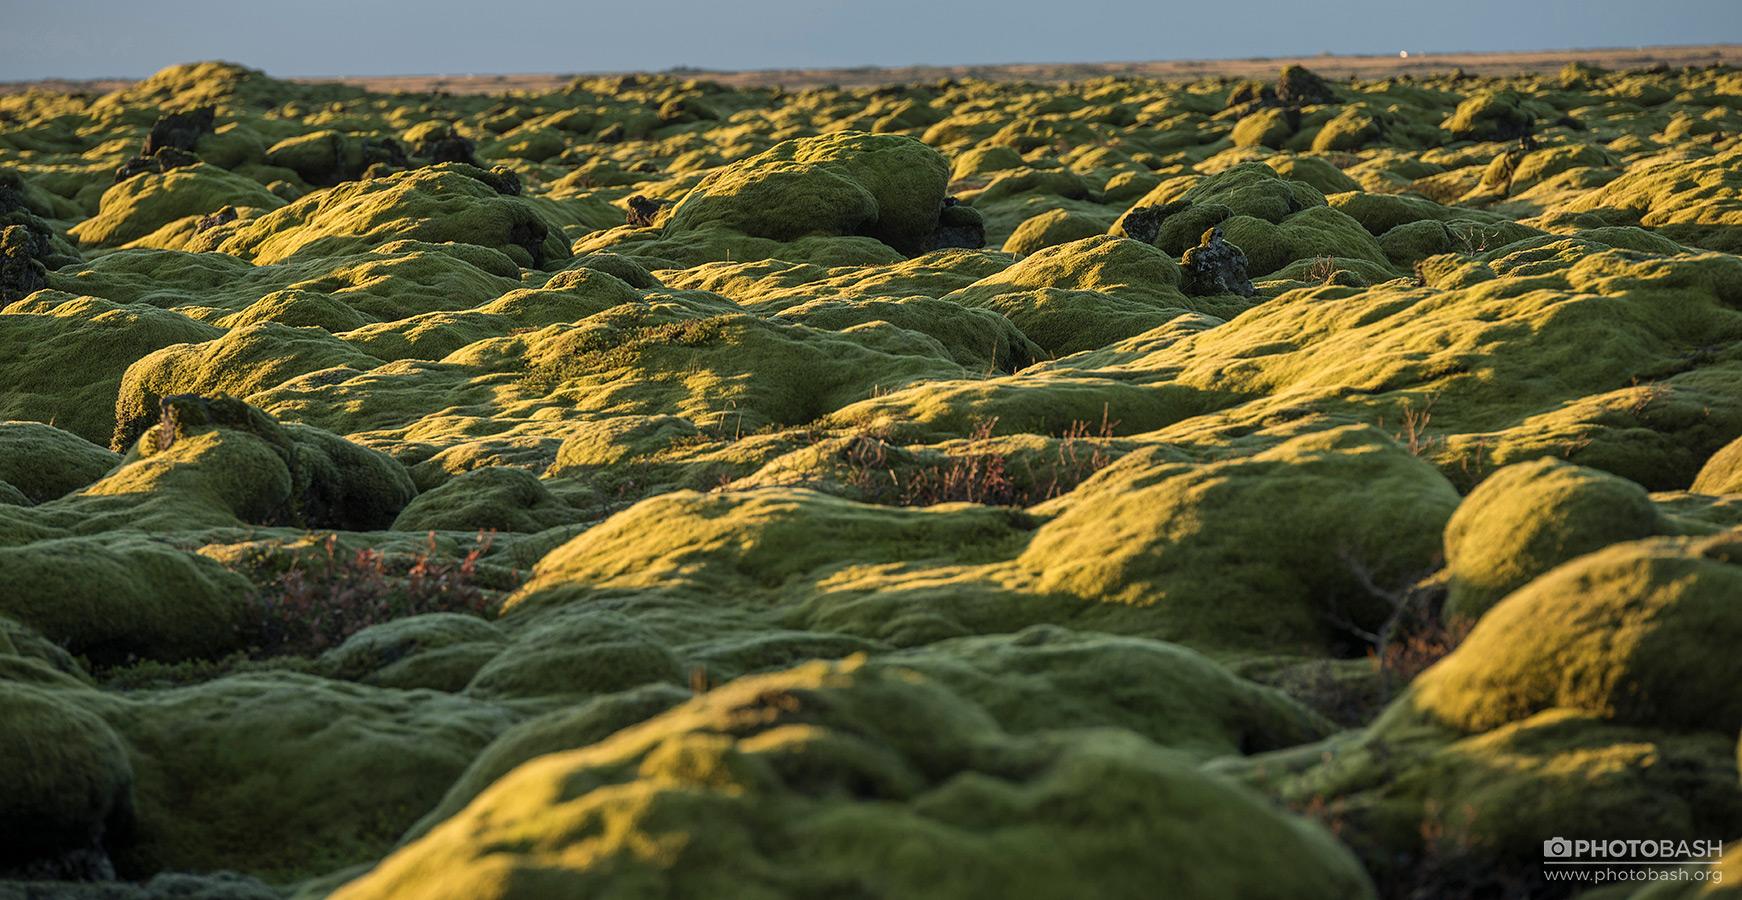 Mossy-Flatlands-Bumpy-Lava-Fields.jpg